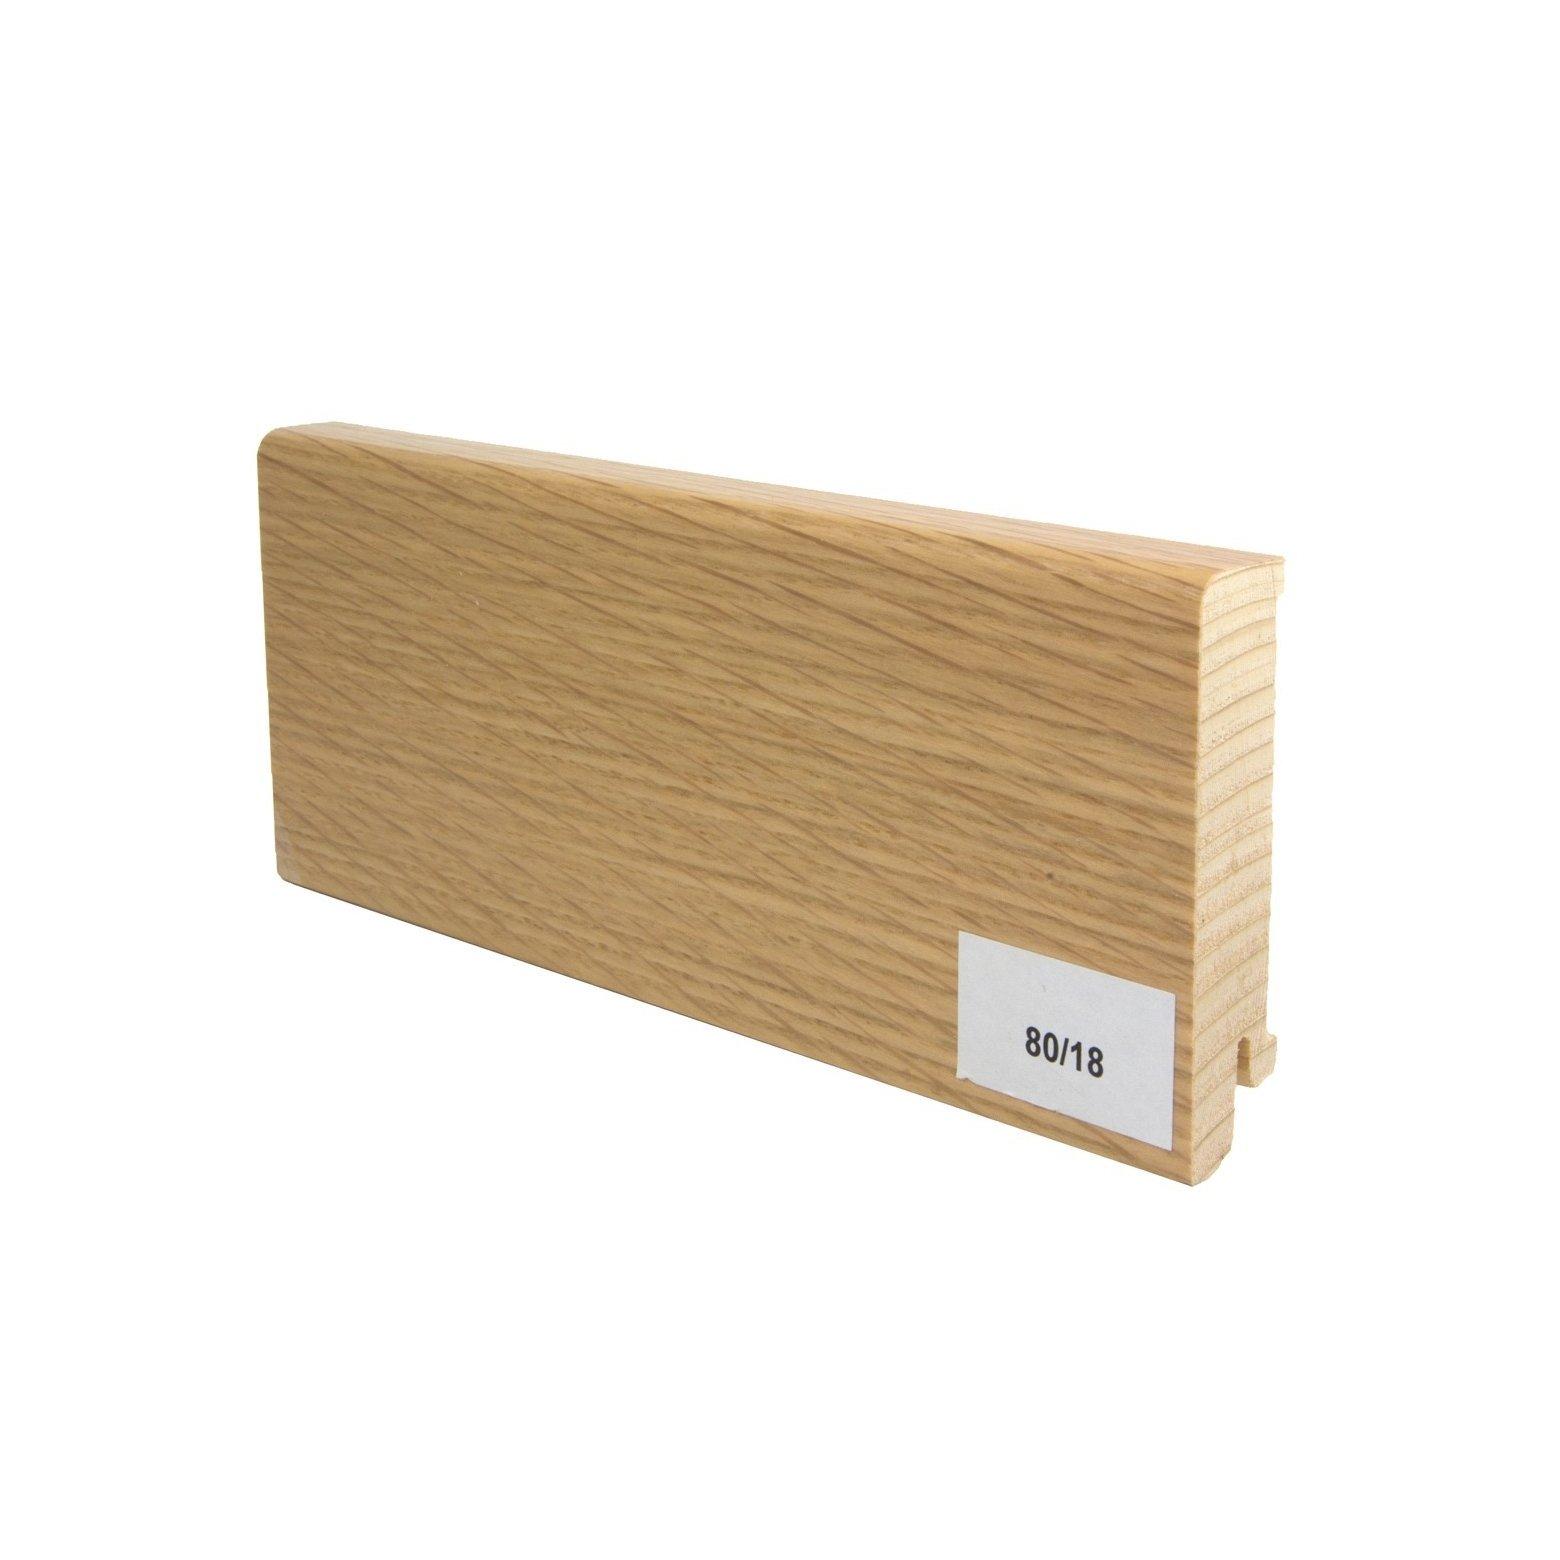 Listwa przypodłogowa drewniana (80/18 mm) DĄB EUROPEJSKI LAKIEROWANA